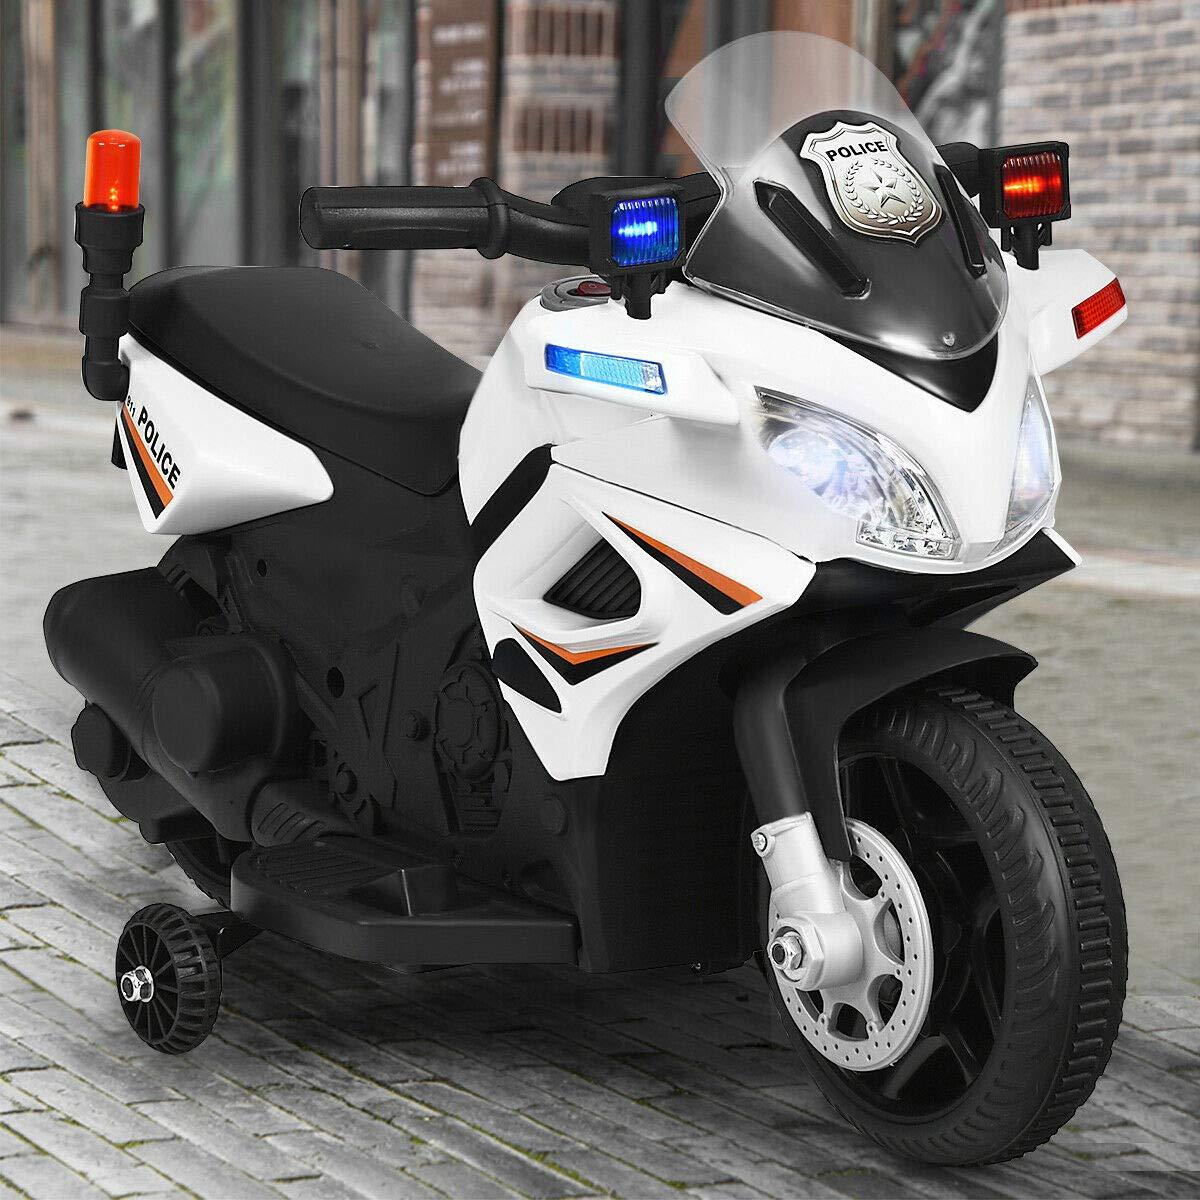 お子様・お孫様のプレゼントに!電動でこの価格はありえない! 電動乗用 アメリカン ポリスバイク 乗用玩具 子供用 補助輪付き 充電式 ライト点灯 サイレン付き 安心 安全 送料無料###乗用バイクBJC911###